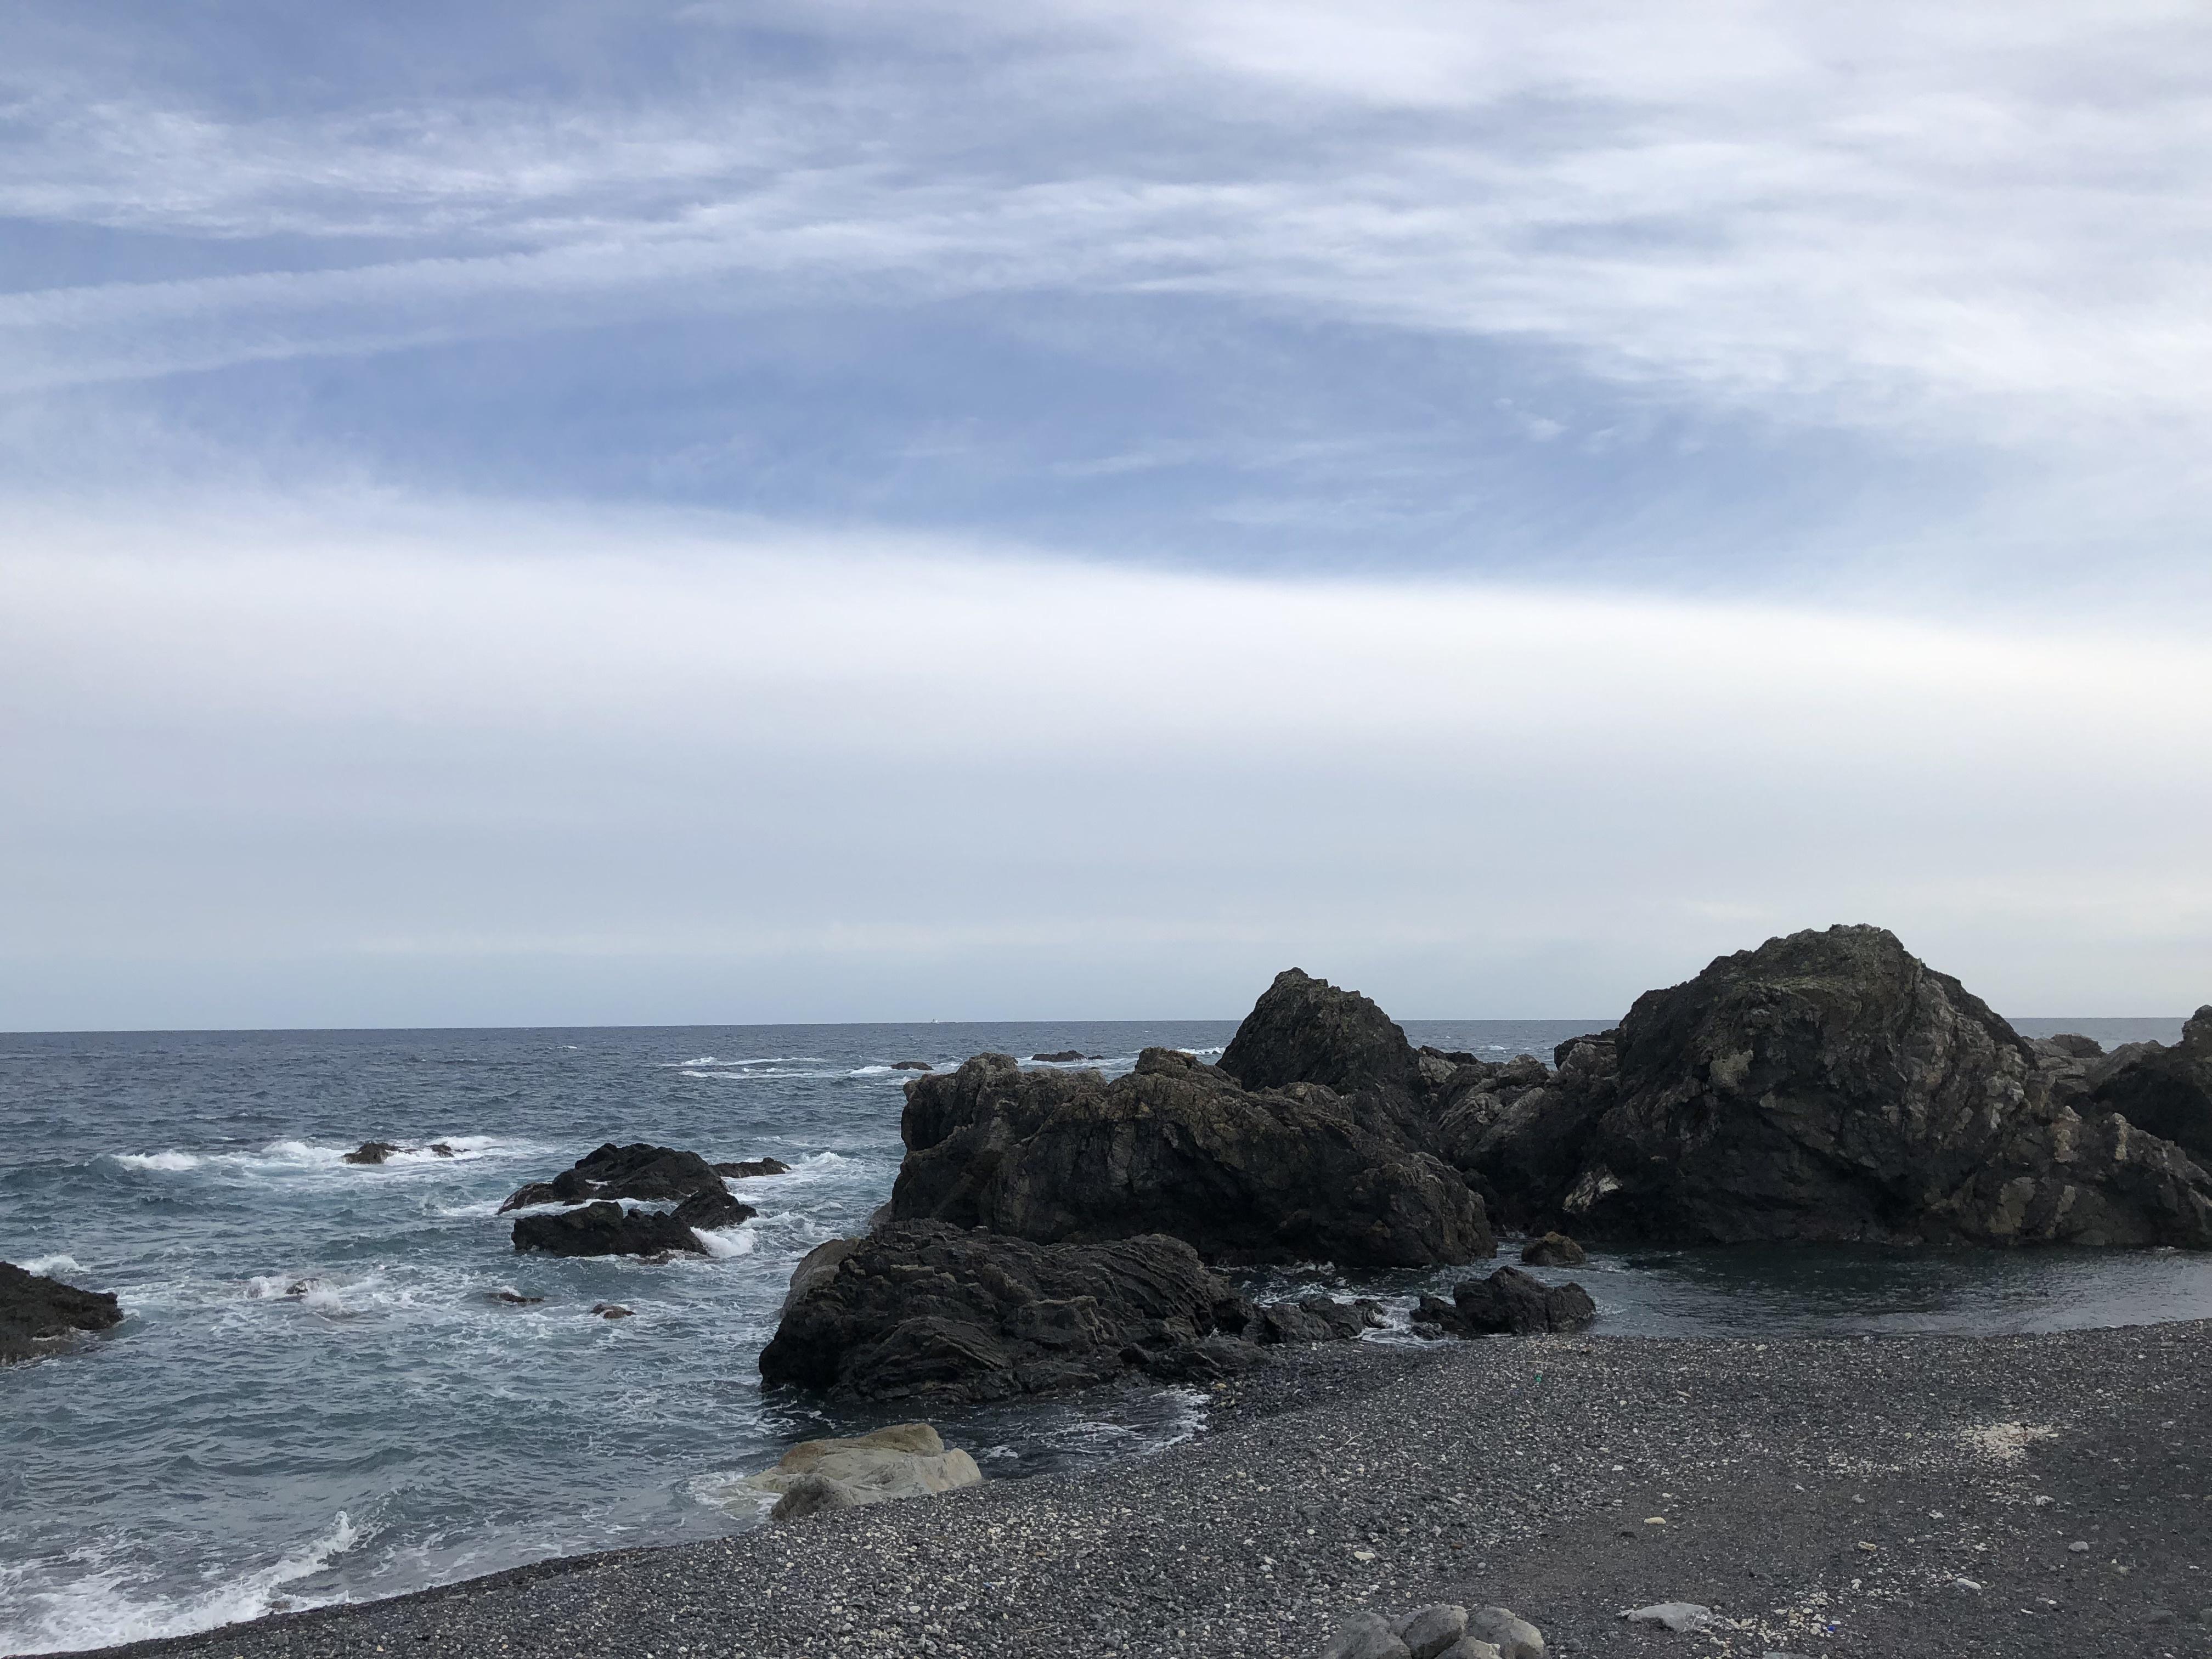 ぴーきち&ダイナ ハーレーで行く 室戸岬 ツーリング 先端 先端 絶景